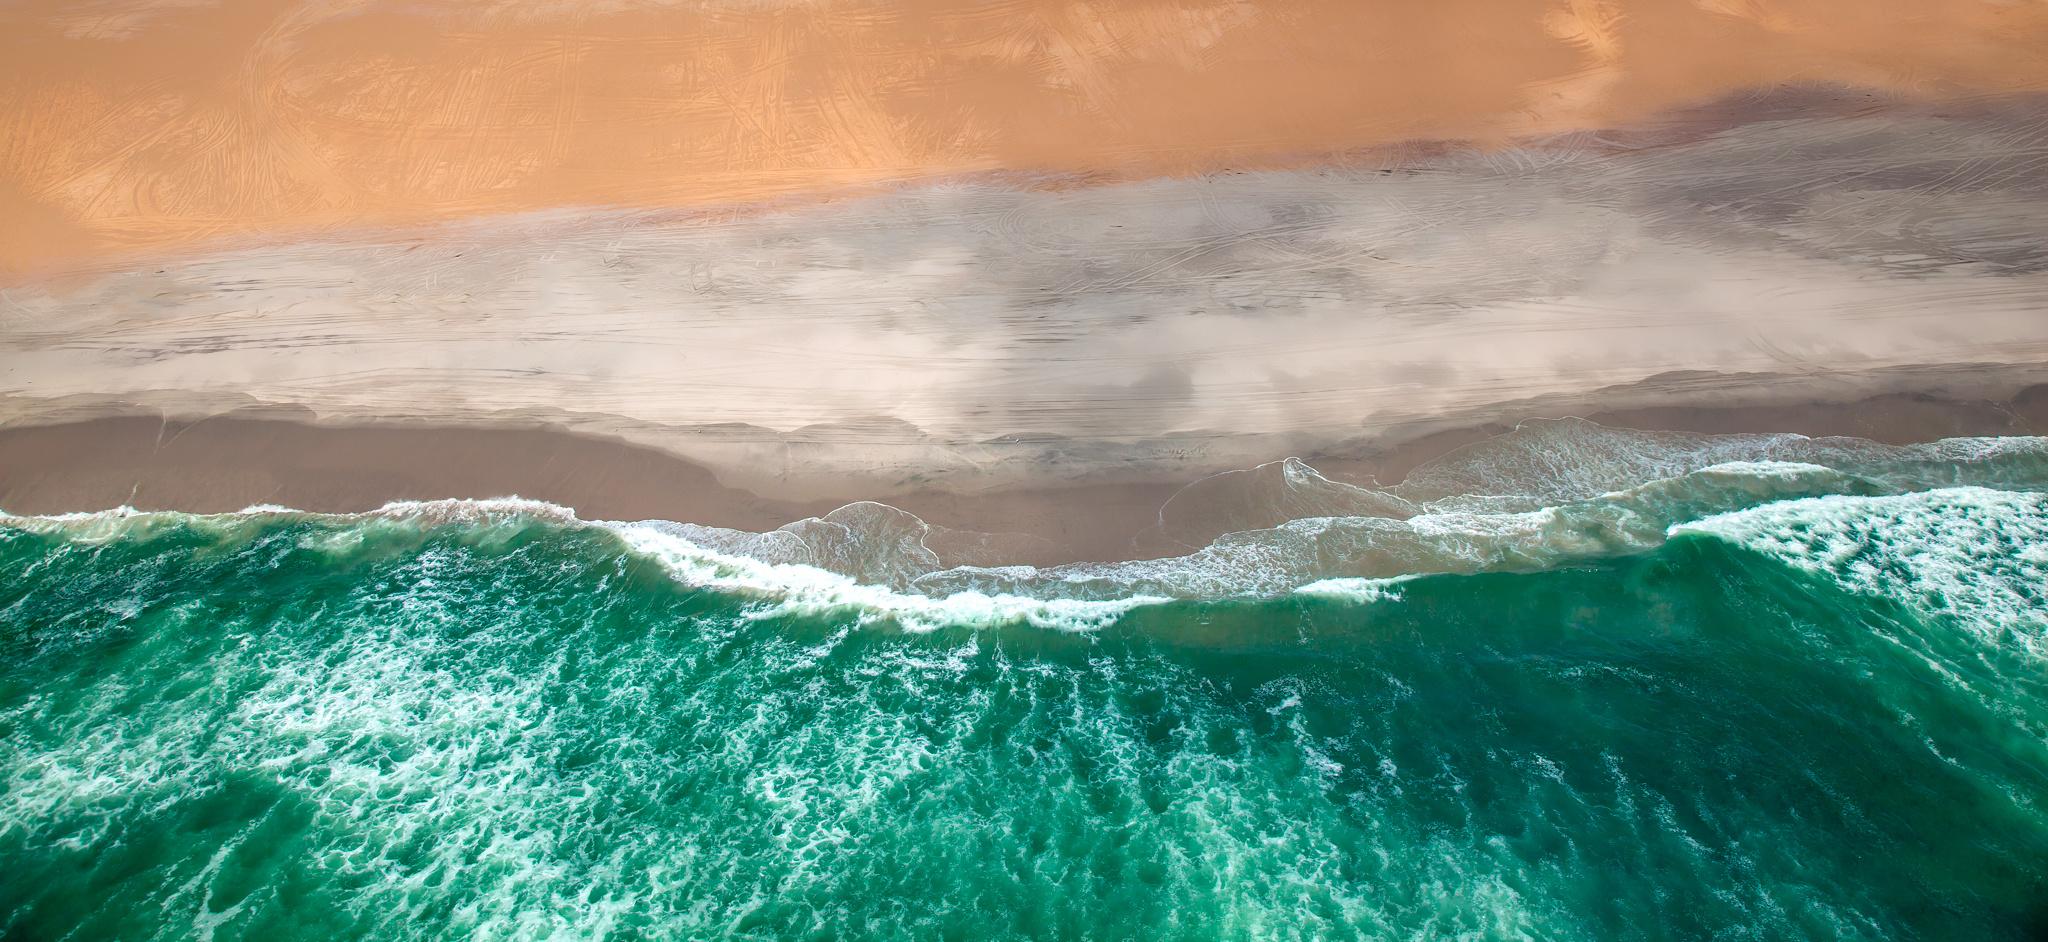 Namibia Natur - Skeleton Coast